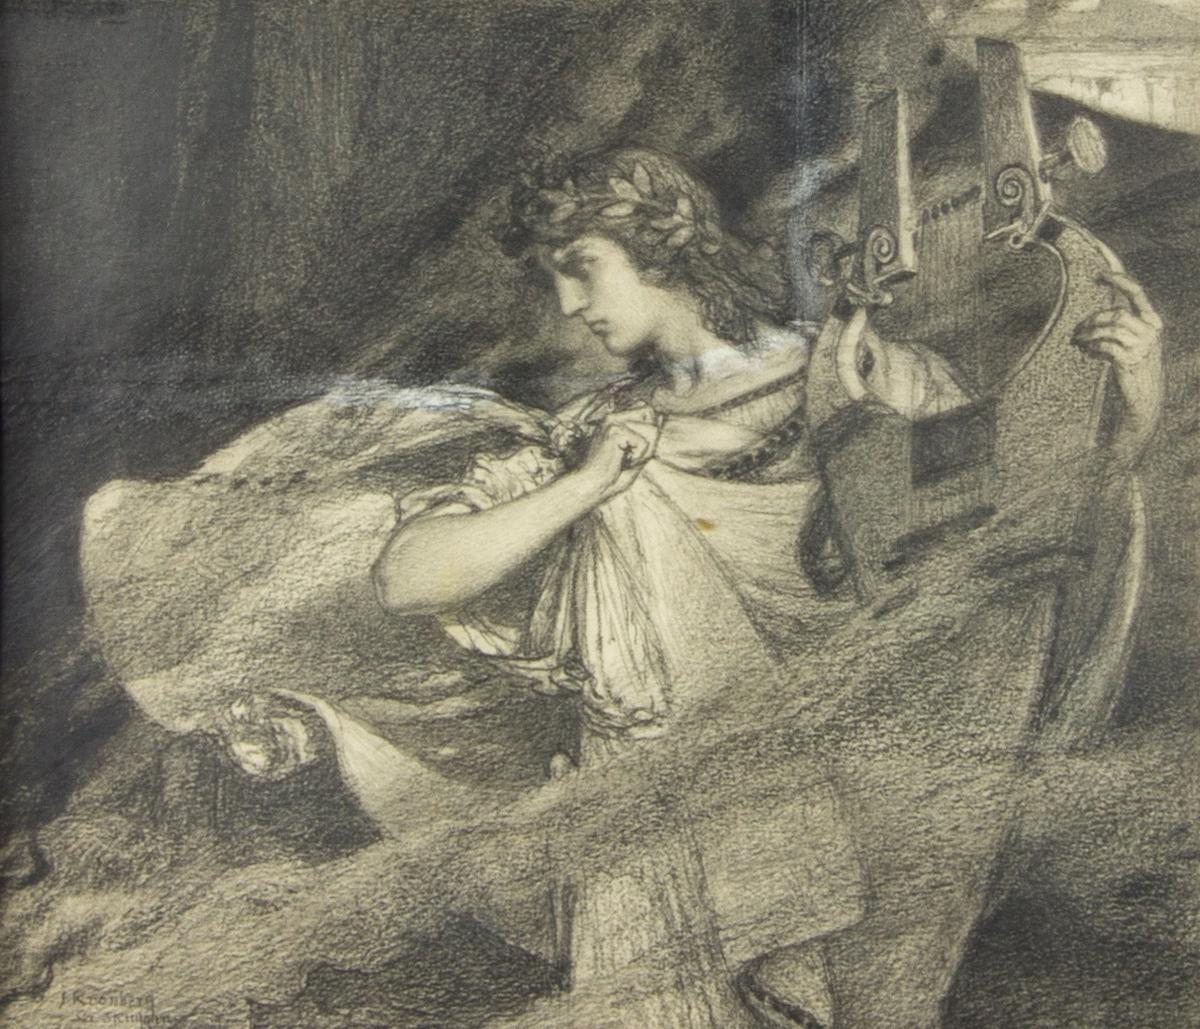 Fru Mathilda Jungstedt som Orfeus. Stående halvfigur som håller i en lyra. Dramatiskt draperad klädsel. Diffus bakgrund.